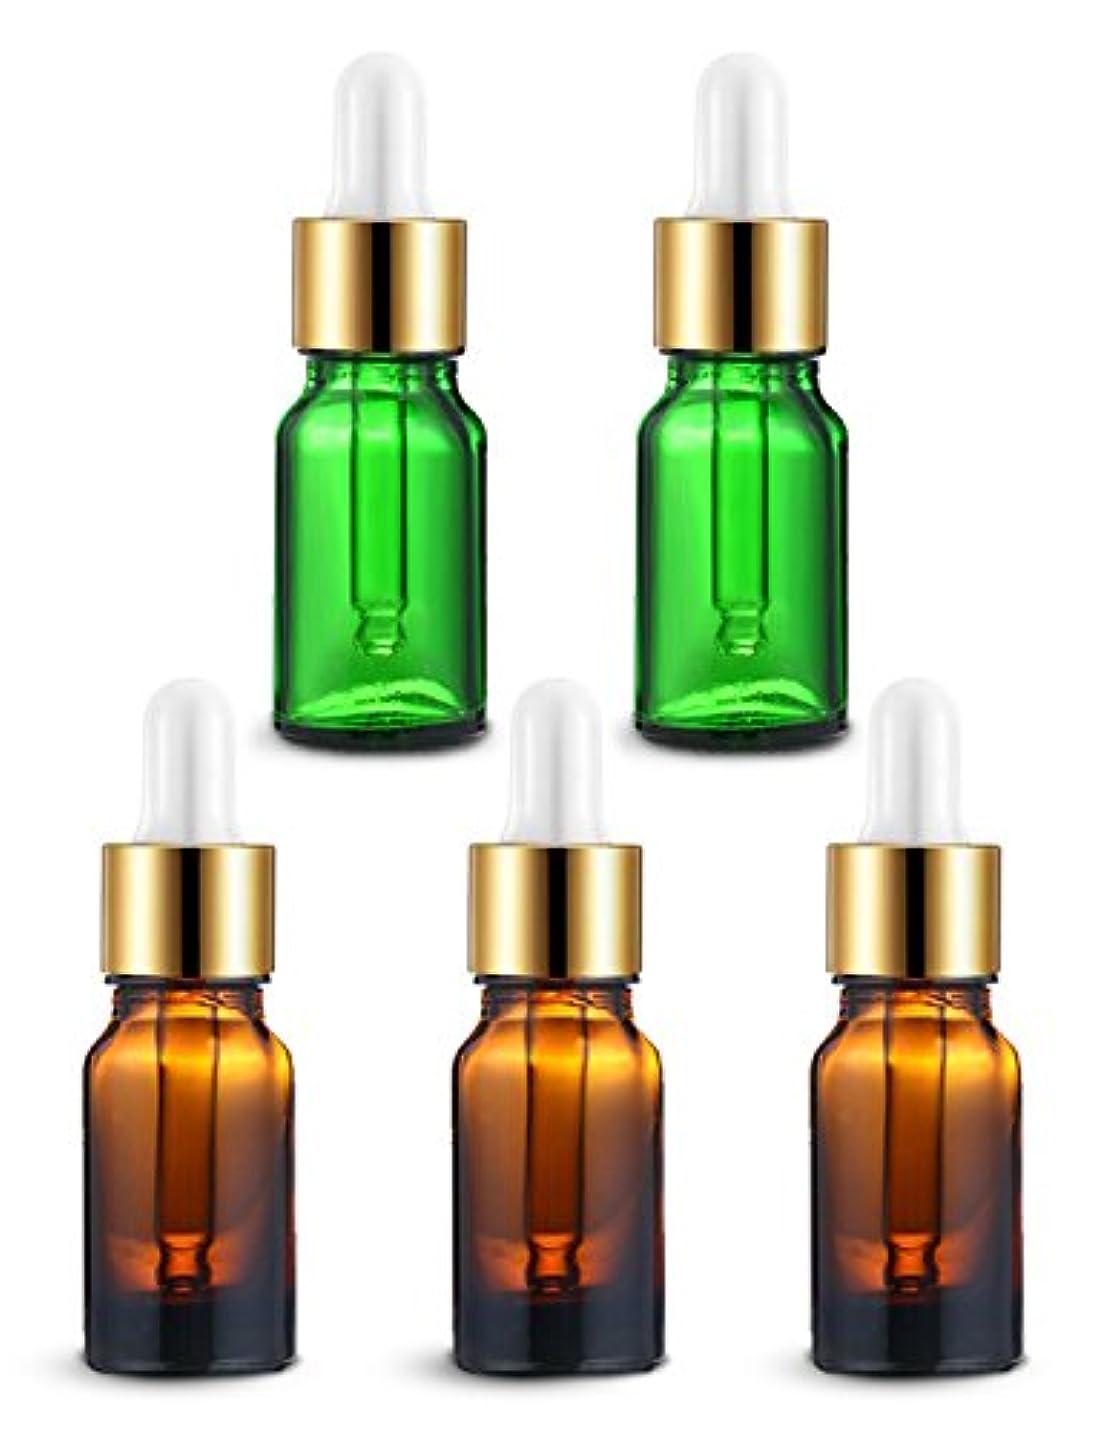 弱めるゲーム倒錯ENERG アロマディフューザー(全機種適応) ネブライザー式 スポイト付き精油瓶 緑2個?ブラウン3個 アロマ瓶 10ml 5個セット